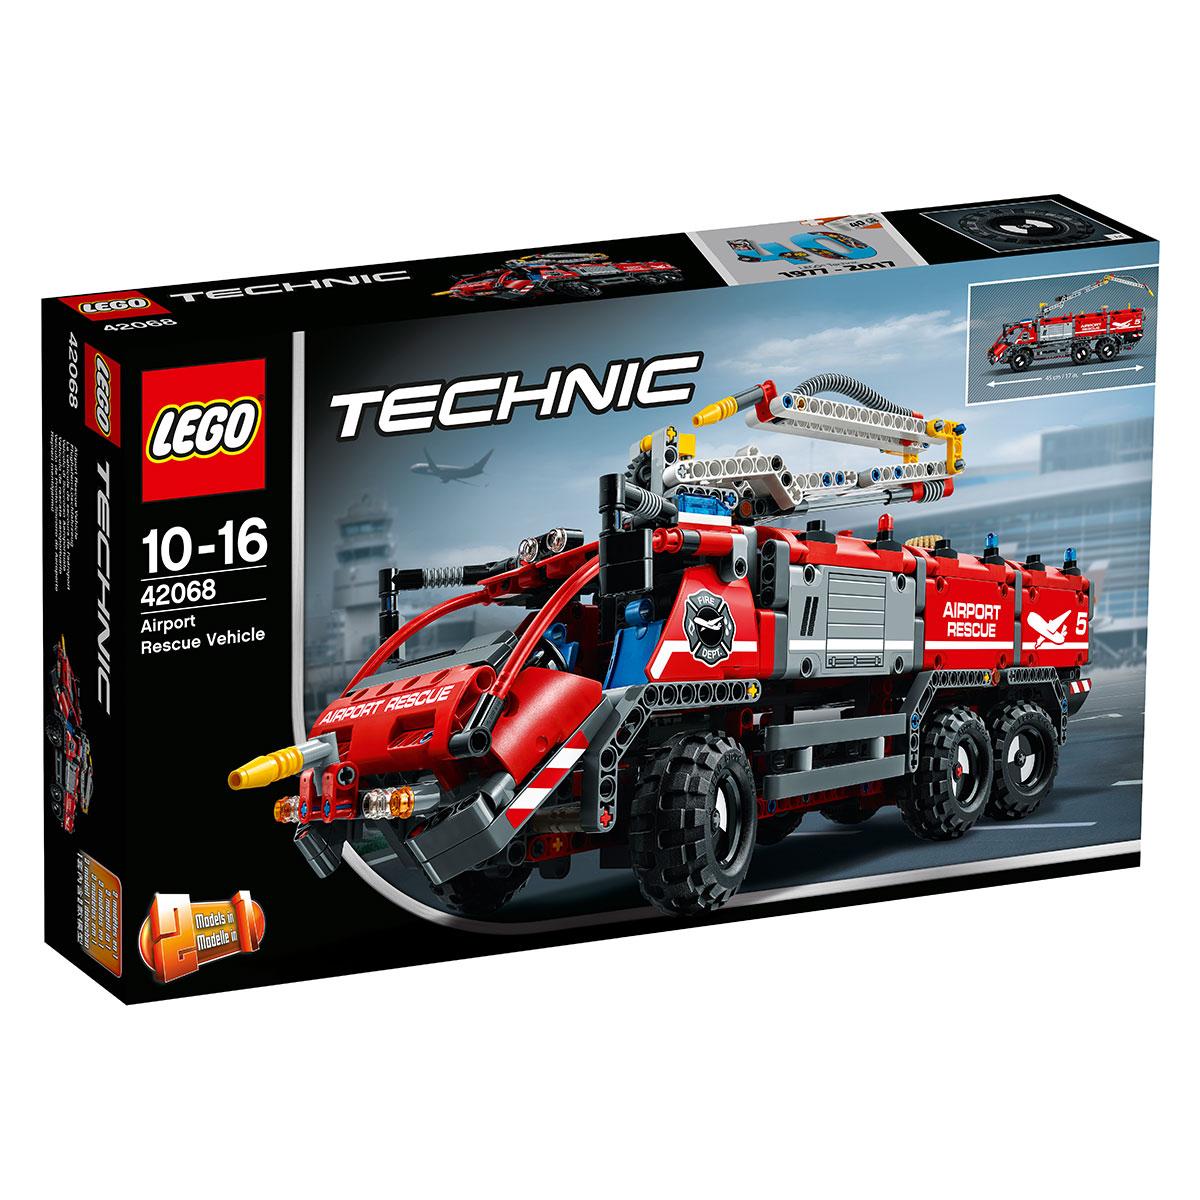 LEGO Technic Lufthavnsredningsvogn